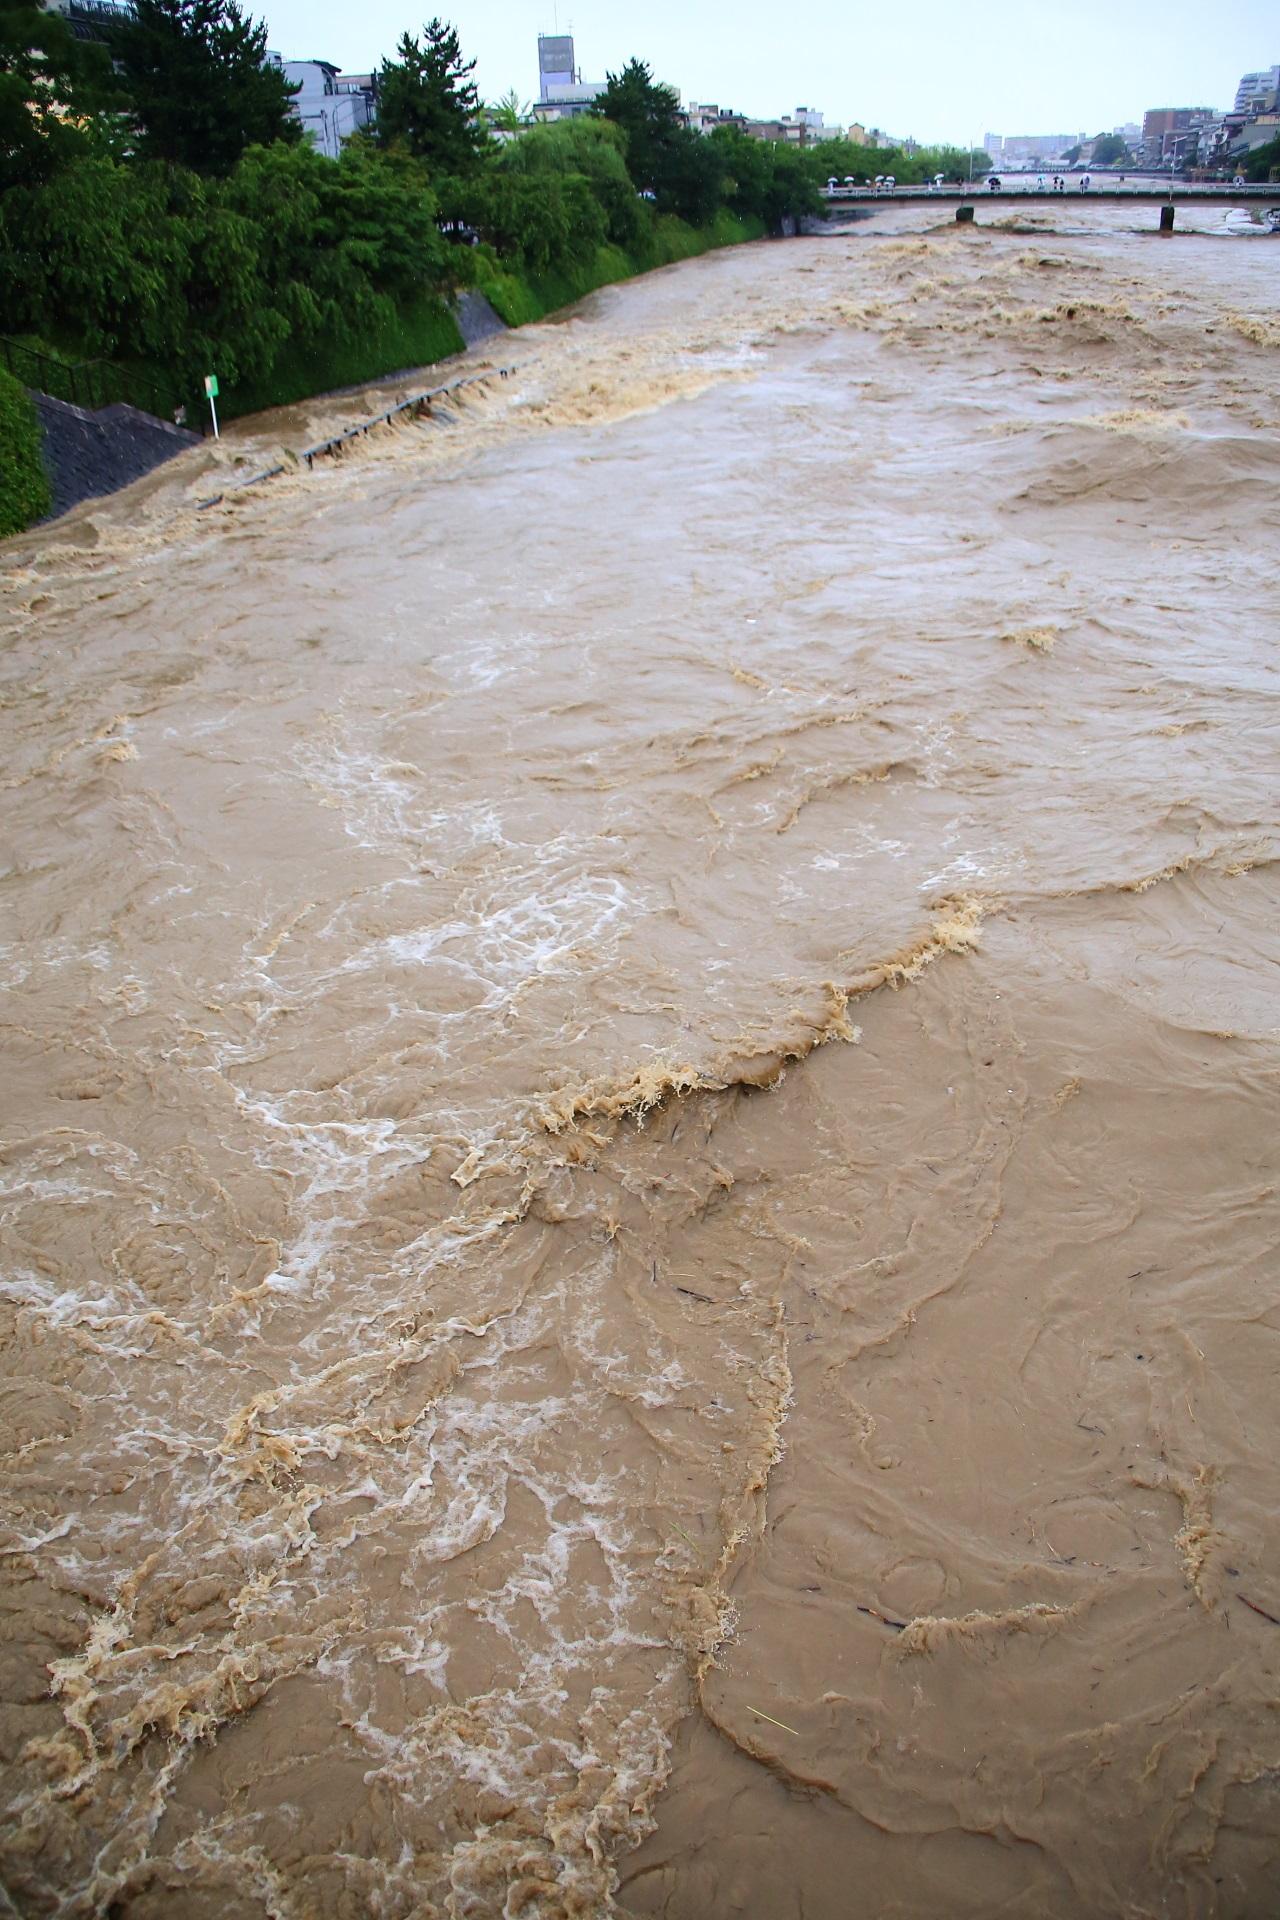 下流へと勢いよく流れていく物凄い量の濁った水